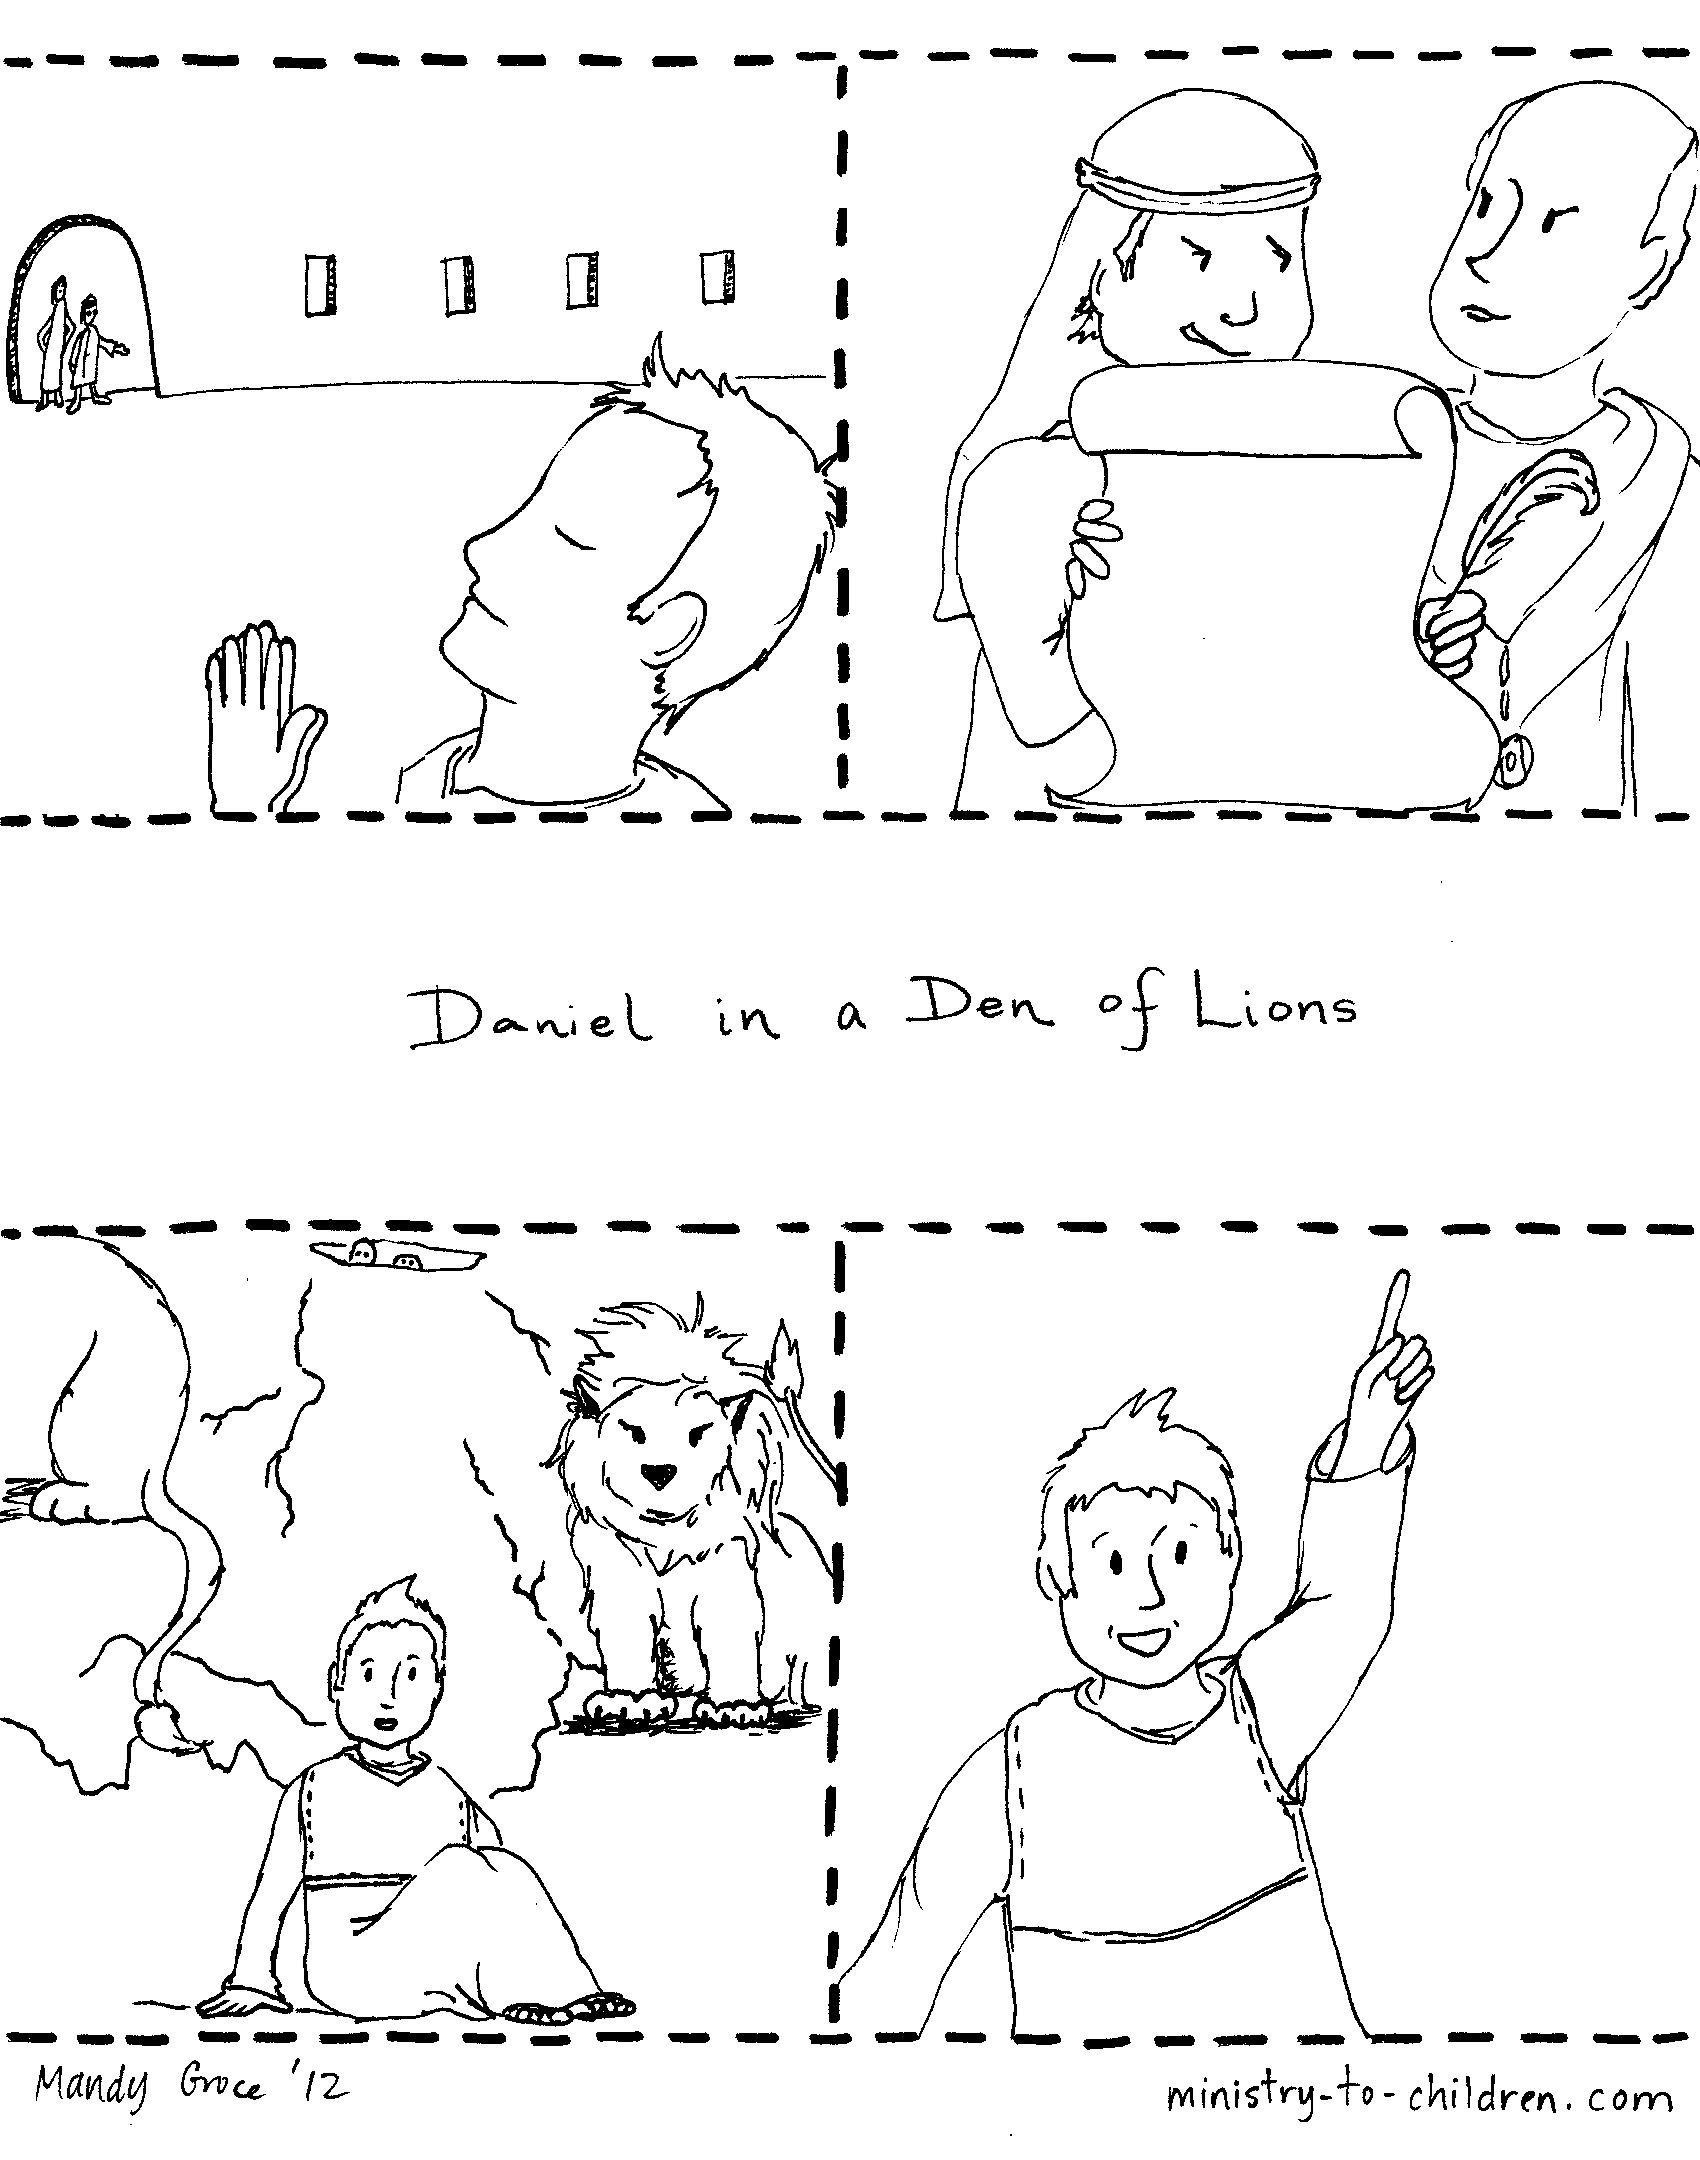 Daniel-sequence-1.jpg 1,700×2,160 píxeles | Dinora | Pinterest